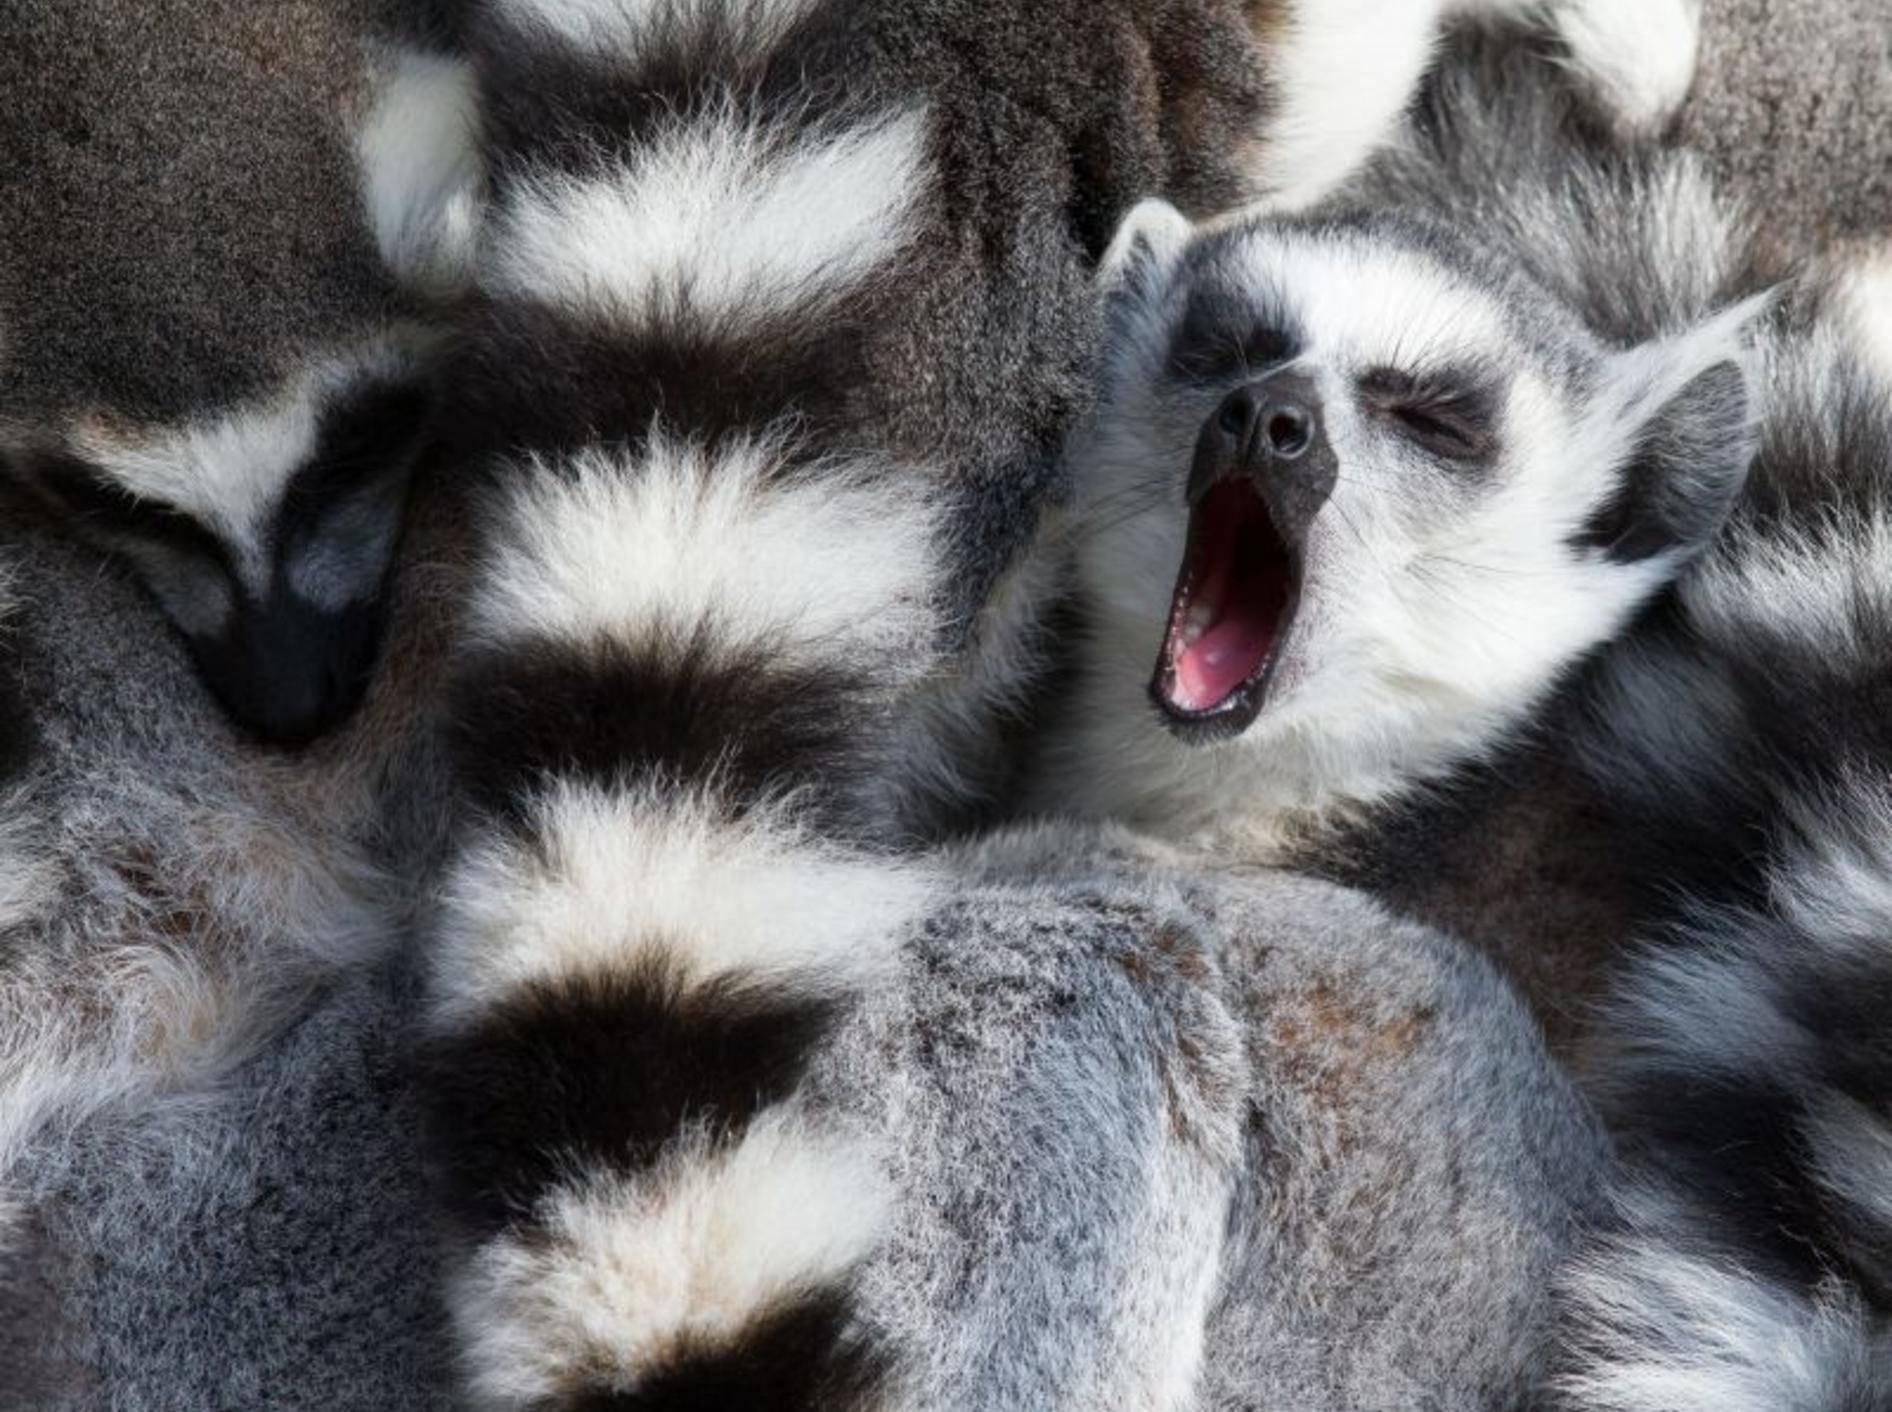 Der Katta fühlt sich mit seinen Streifen sichtlich wohl — Bild: Shutterstock / Roland IJdema